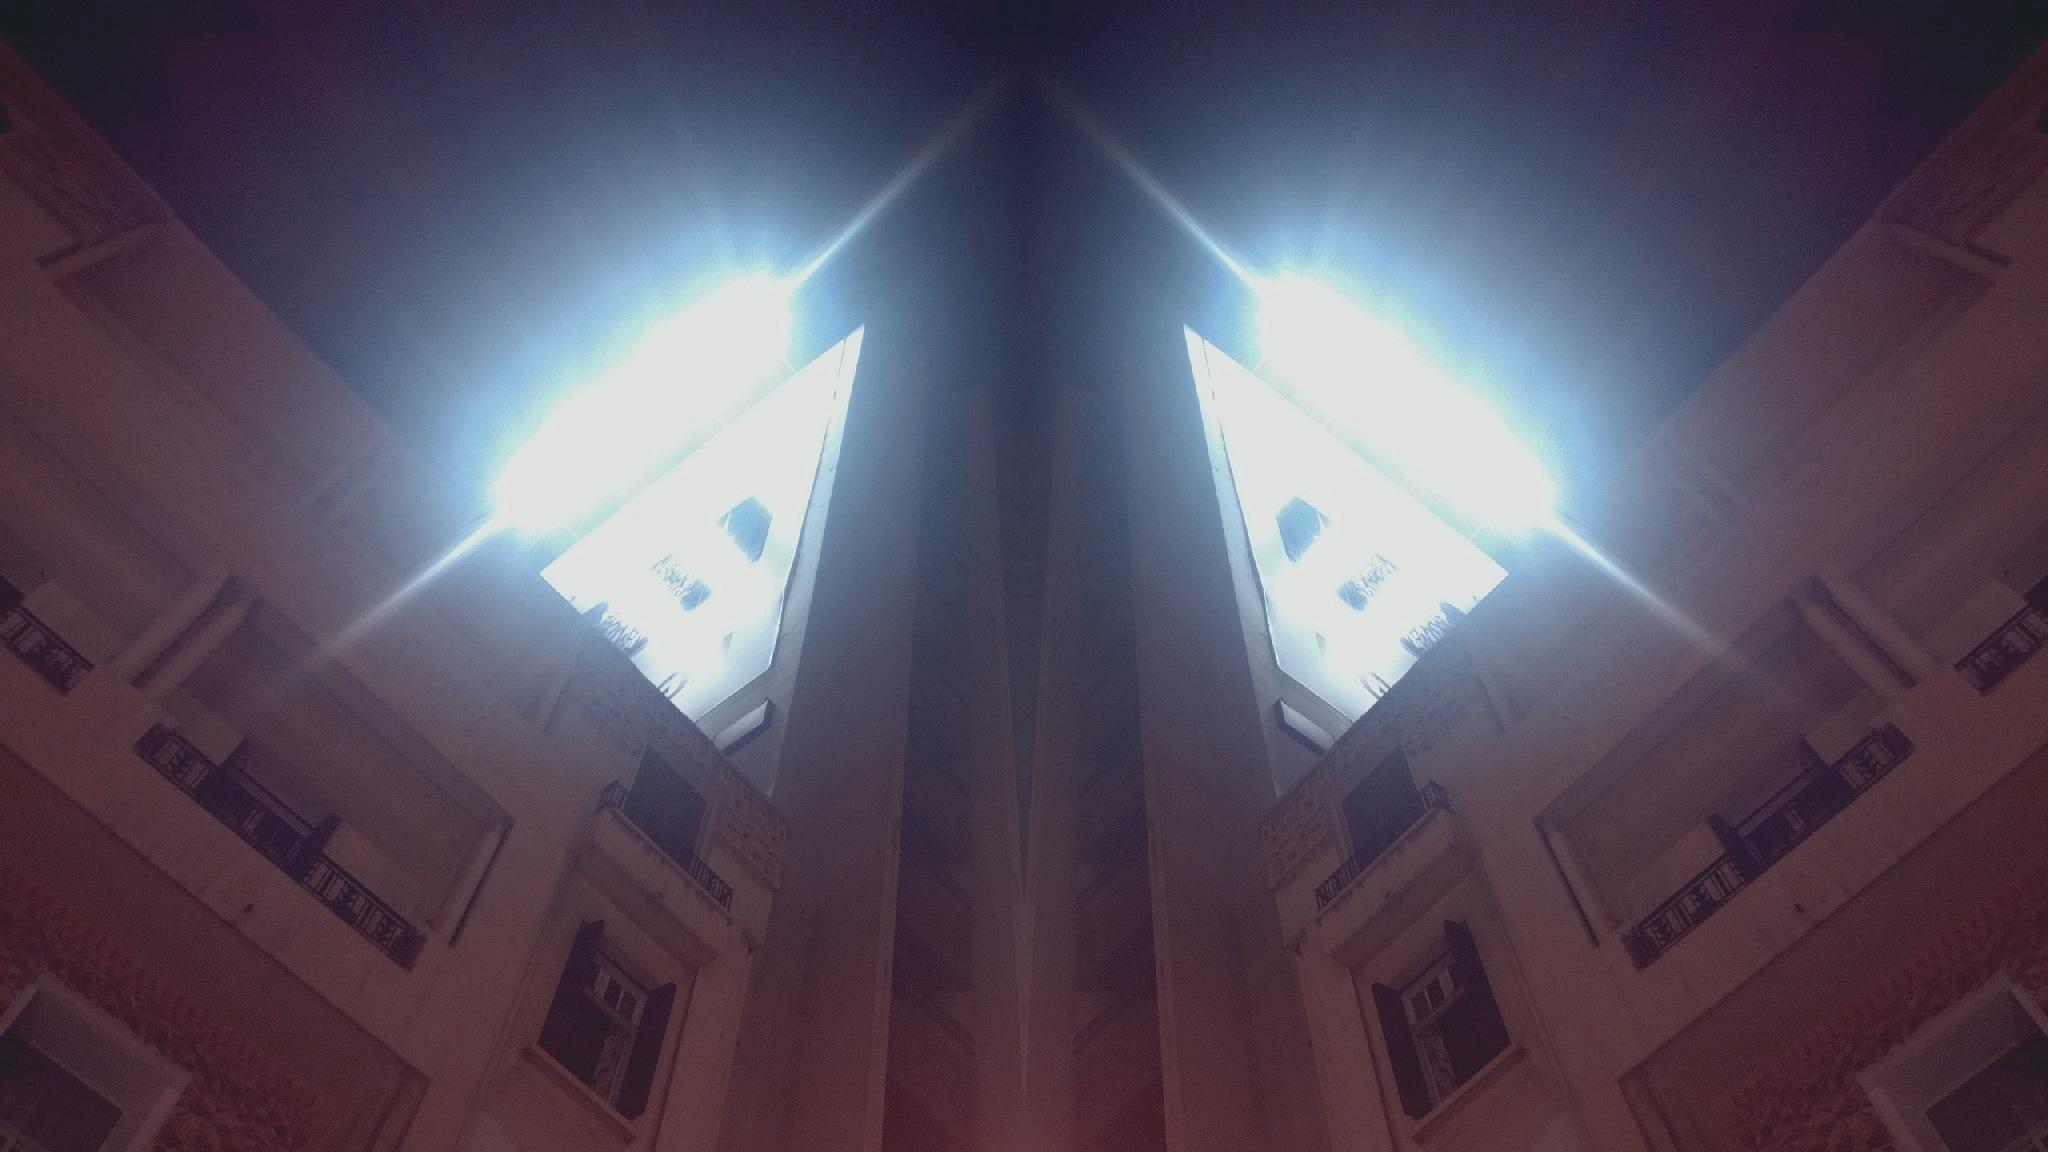 lightsing by Bako Baki